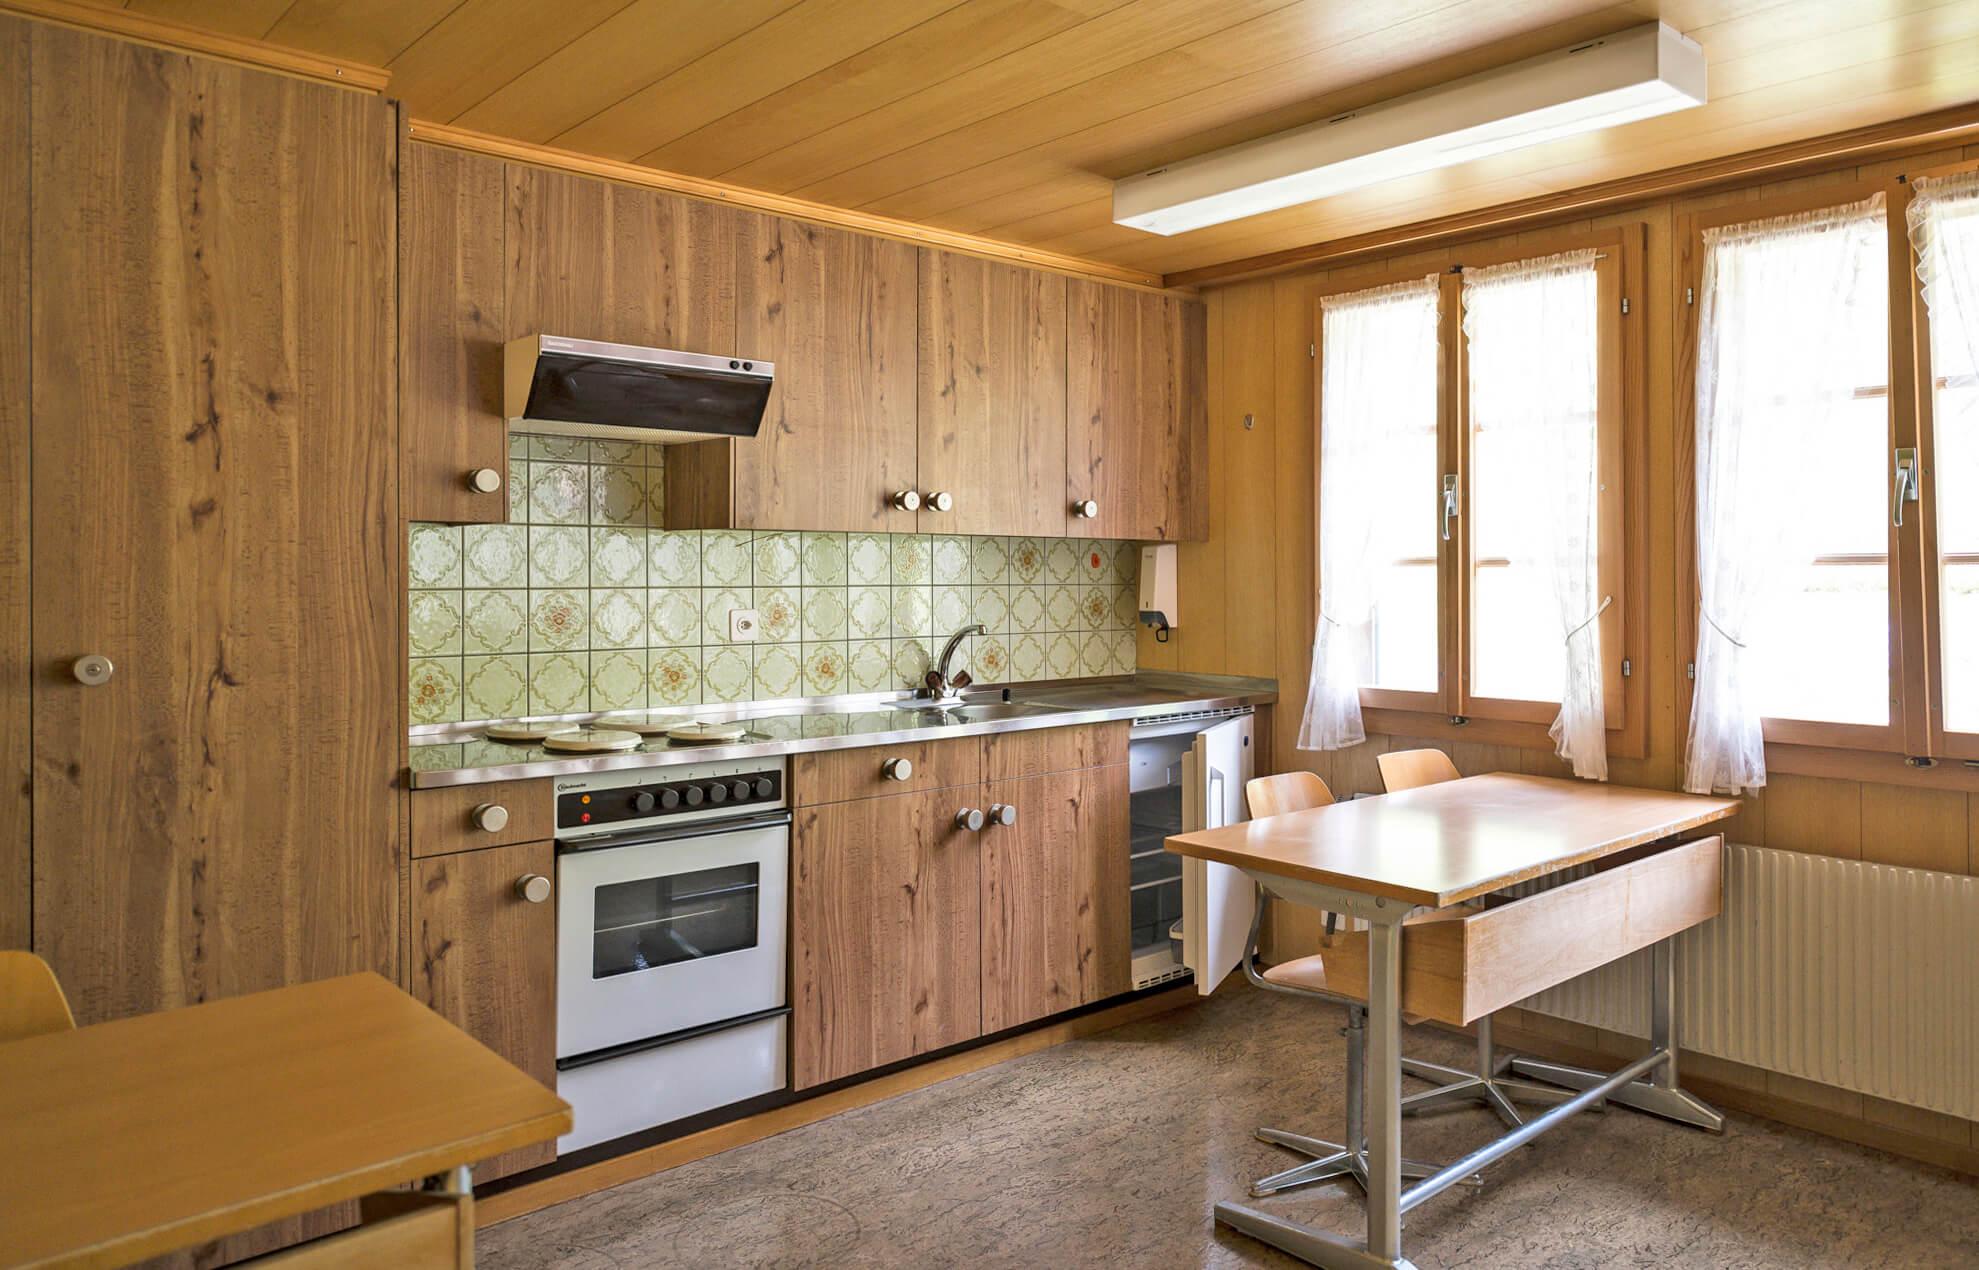 Kleine Küche für Getränke oder Snacks